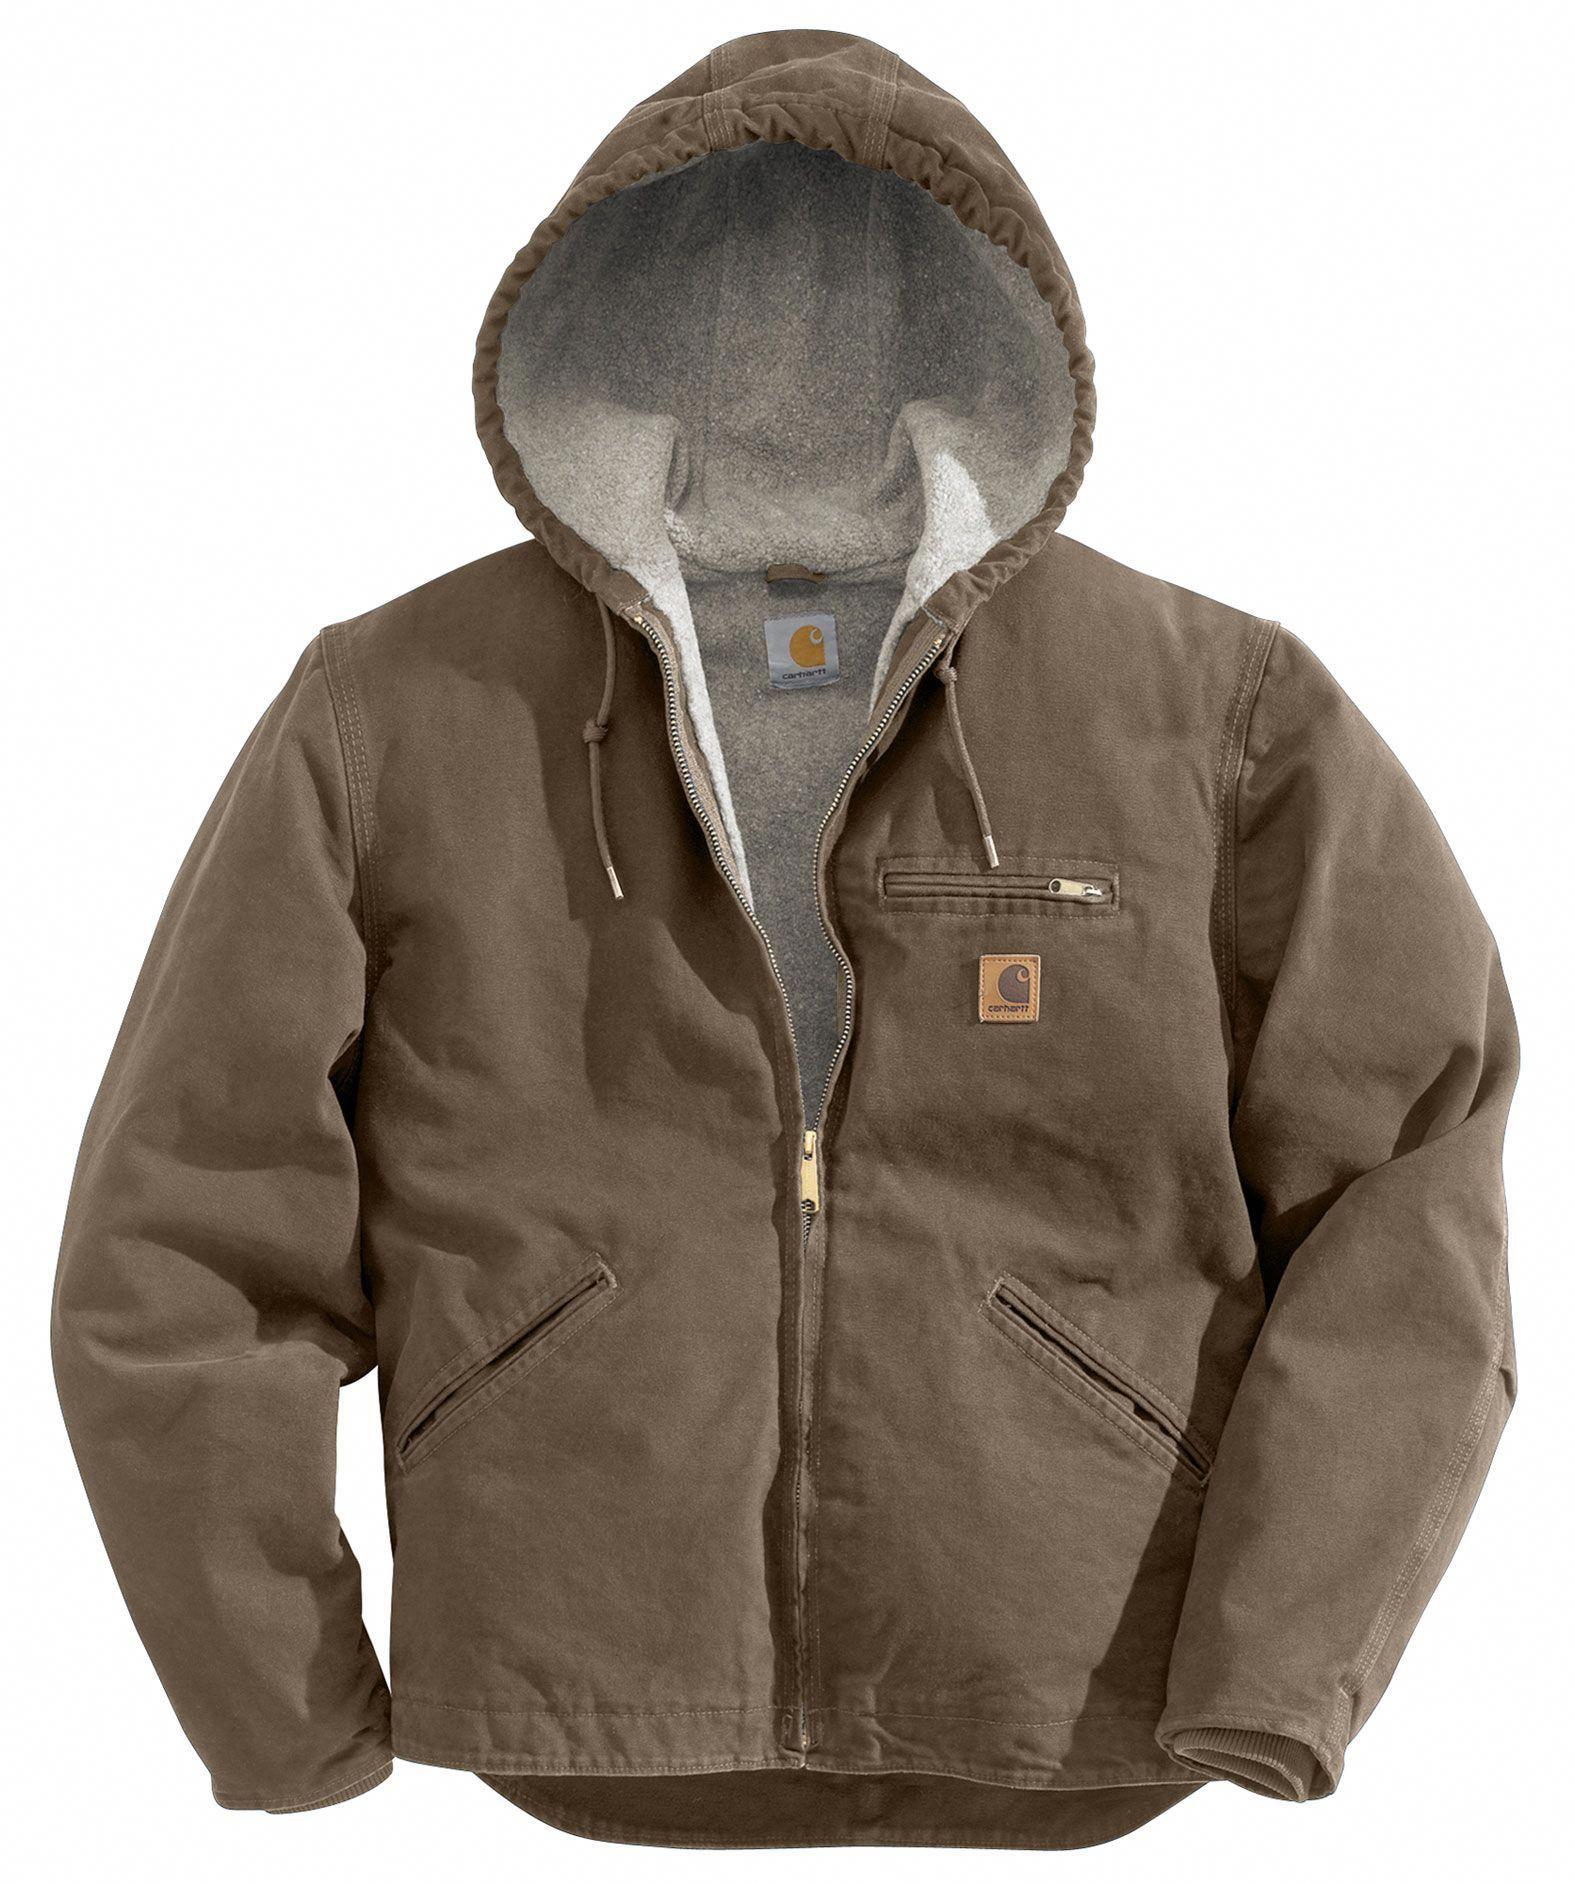 Carhartt Women's X Small Blk Black Sandstone Sierra Jacket